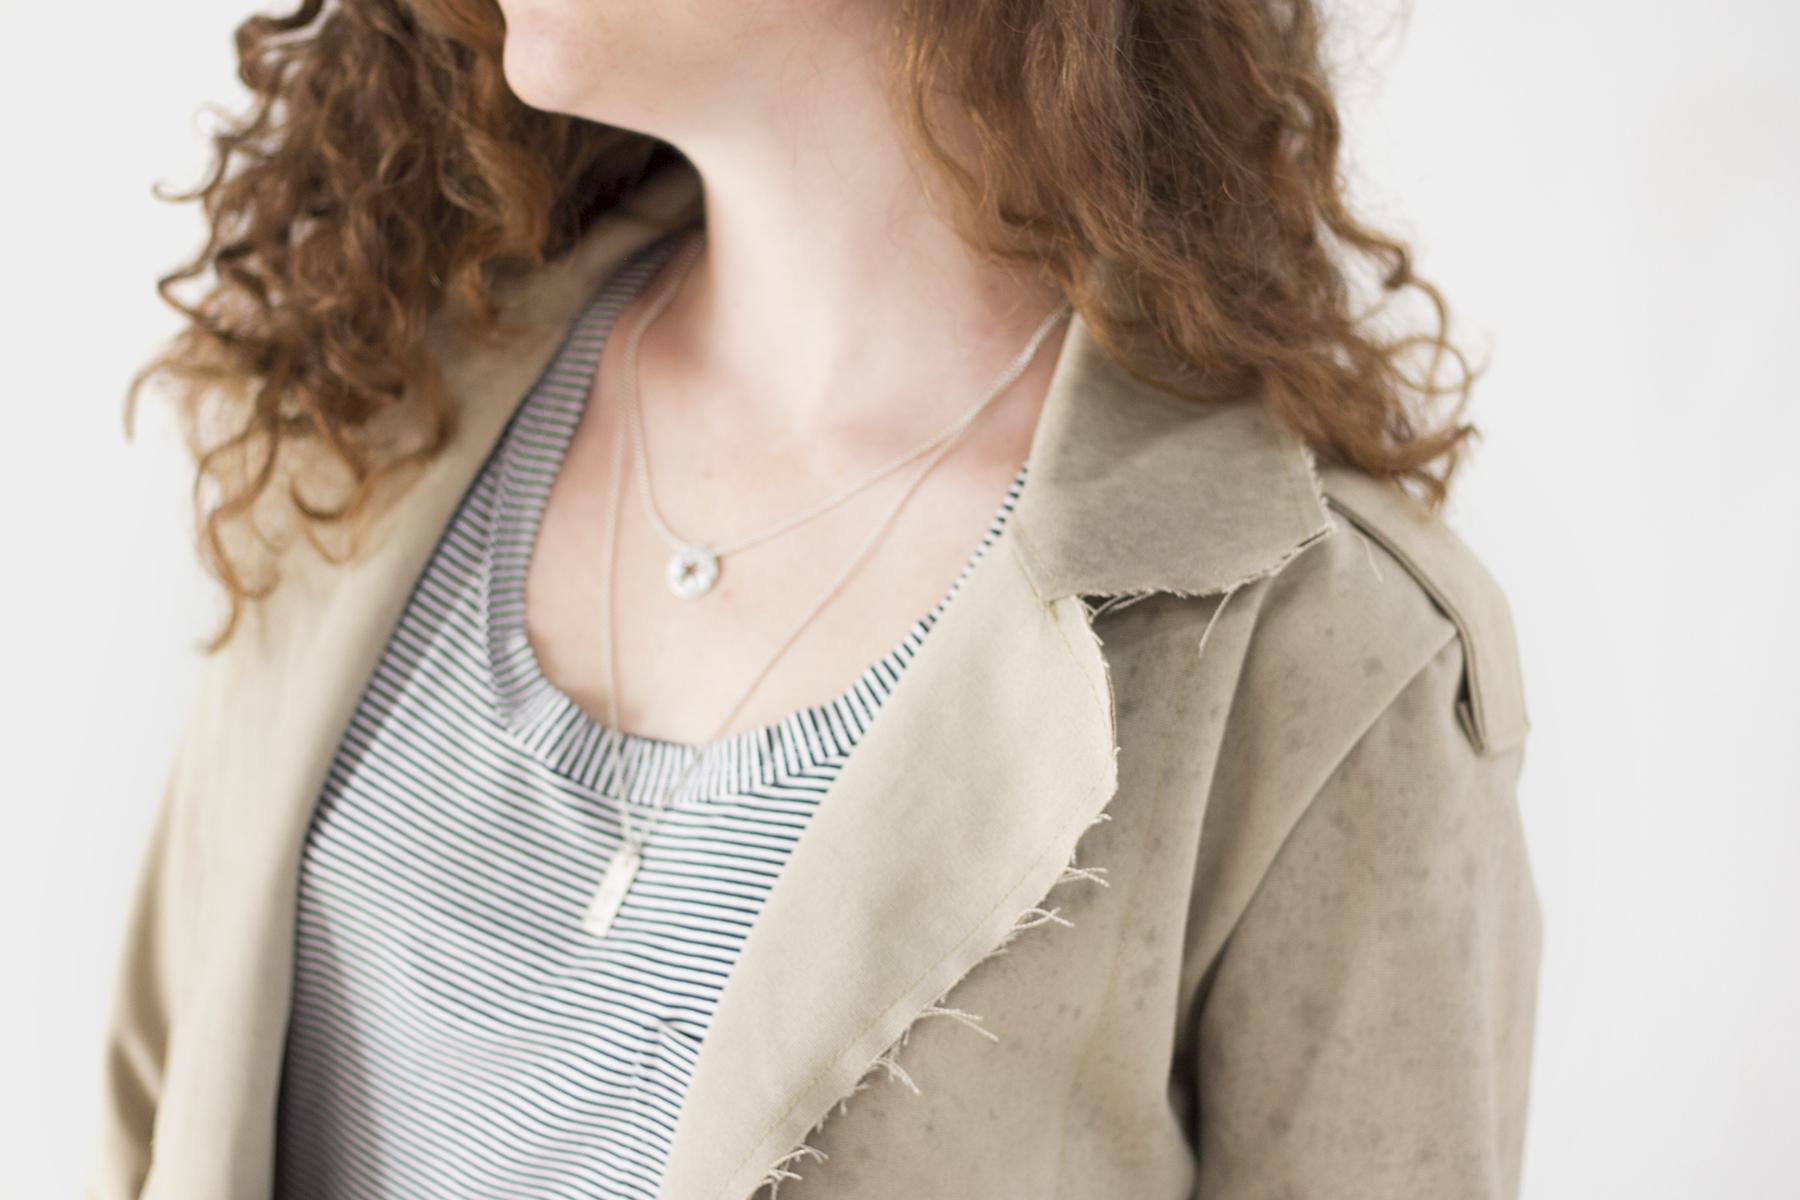 Marca slow fashion usa lonas e redes tirados do mar para criar coleção5